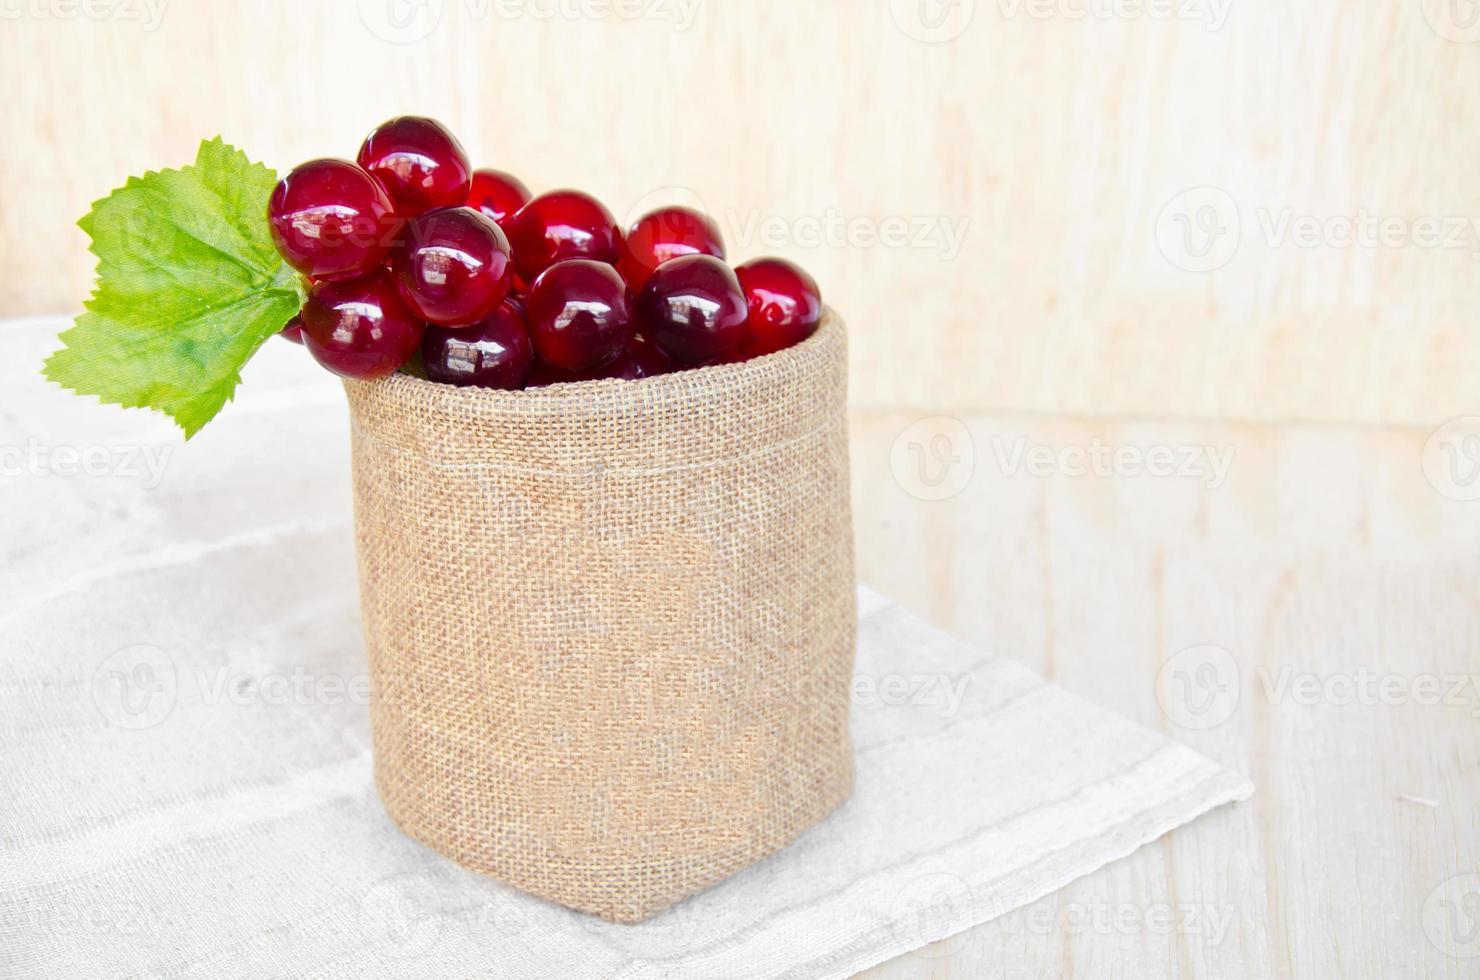 uvas em saco de saco foto